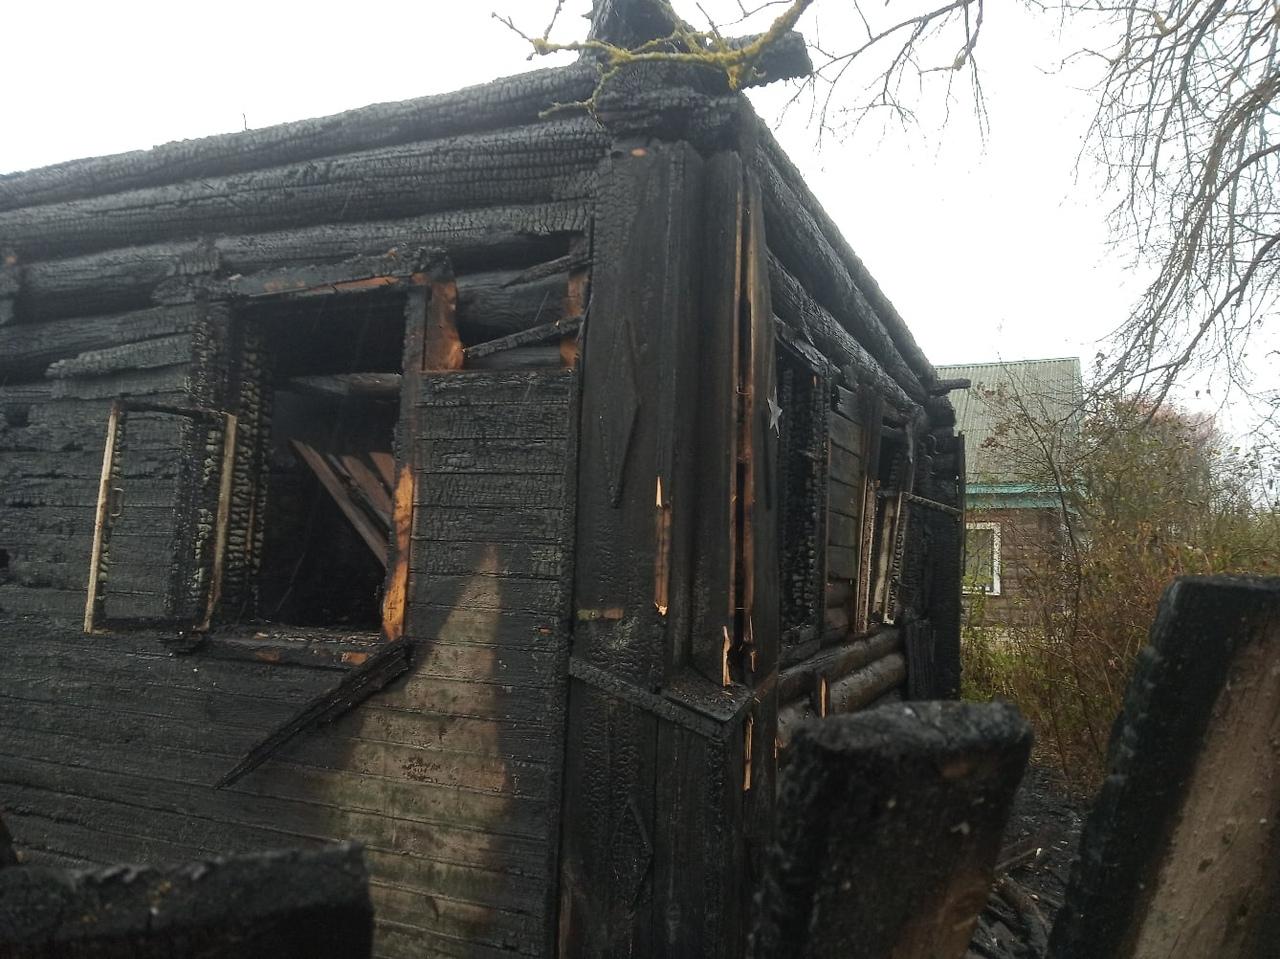 Хозяин сгоревшего дома под Тверью спасся, выскочив в окно